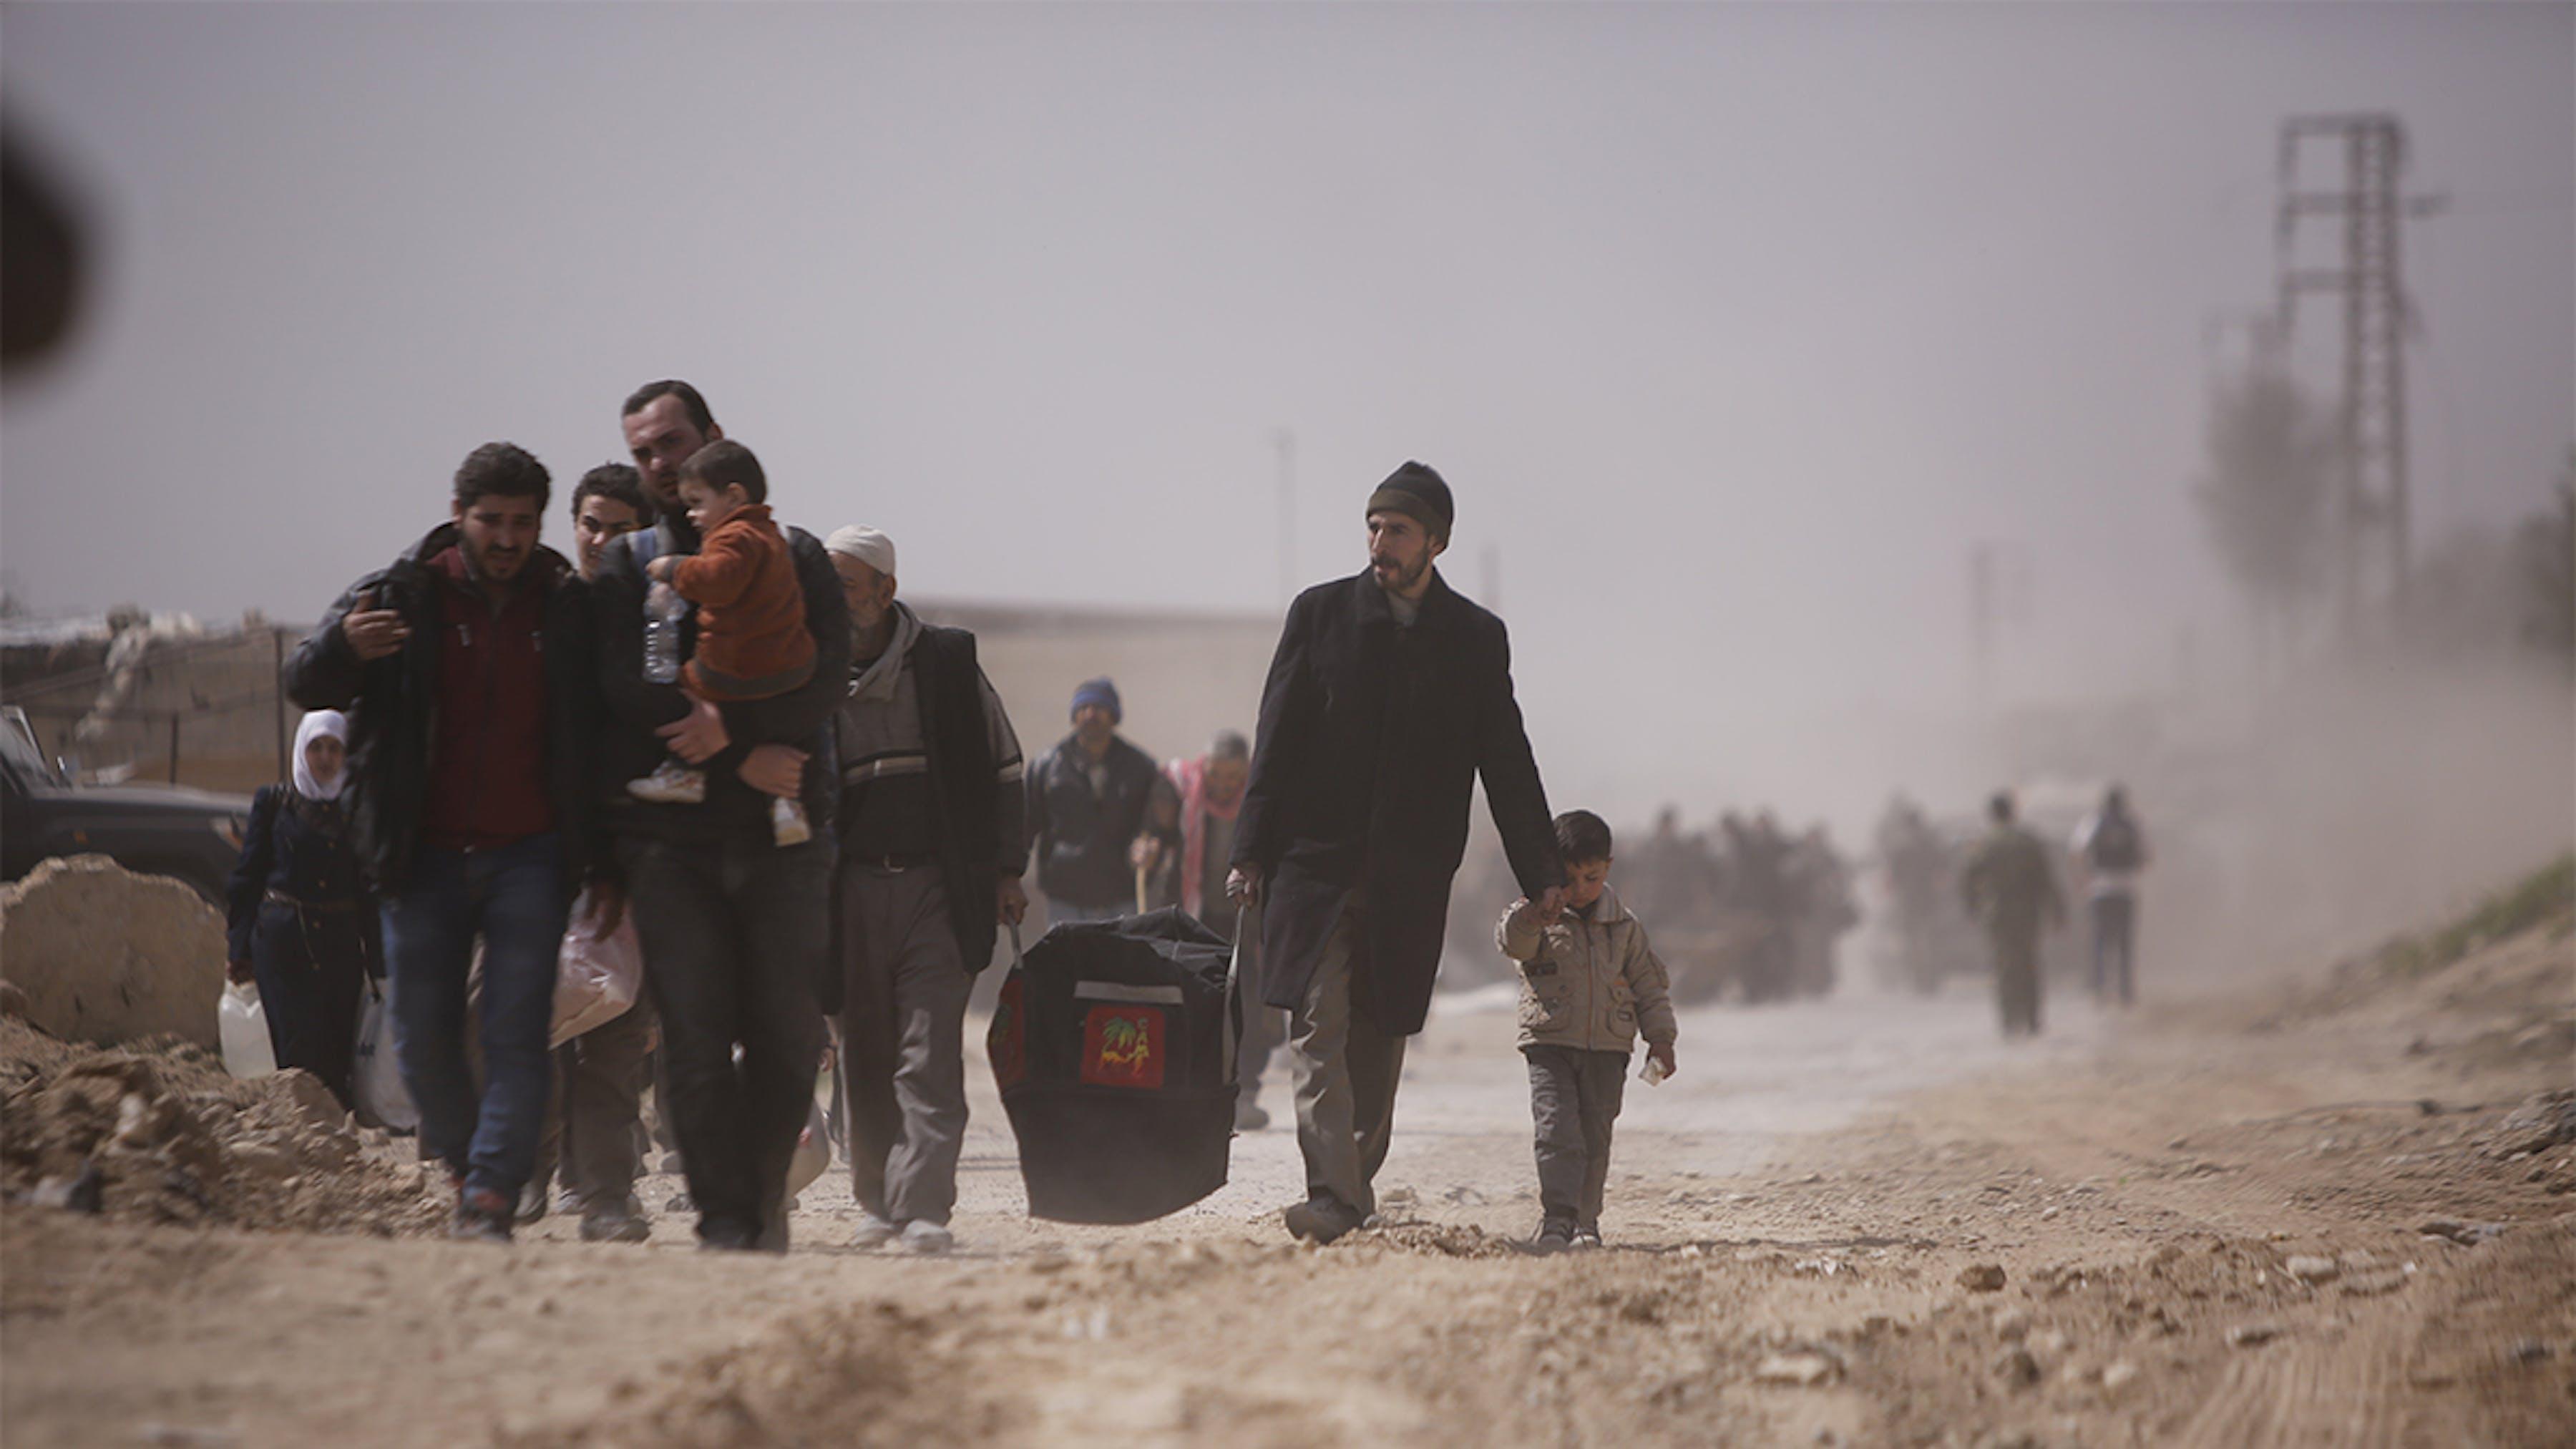 Siria, famiglie vengono evacuate da una zona di guerra